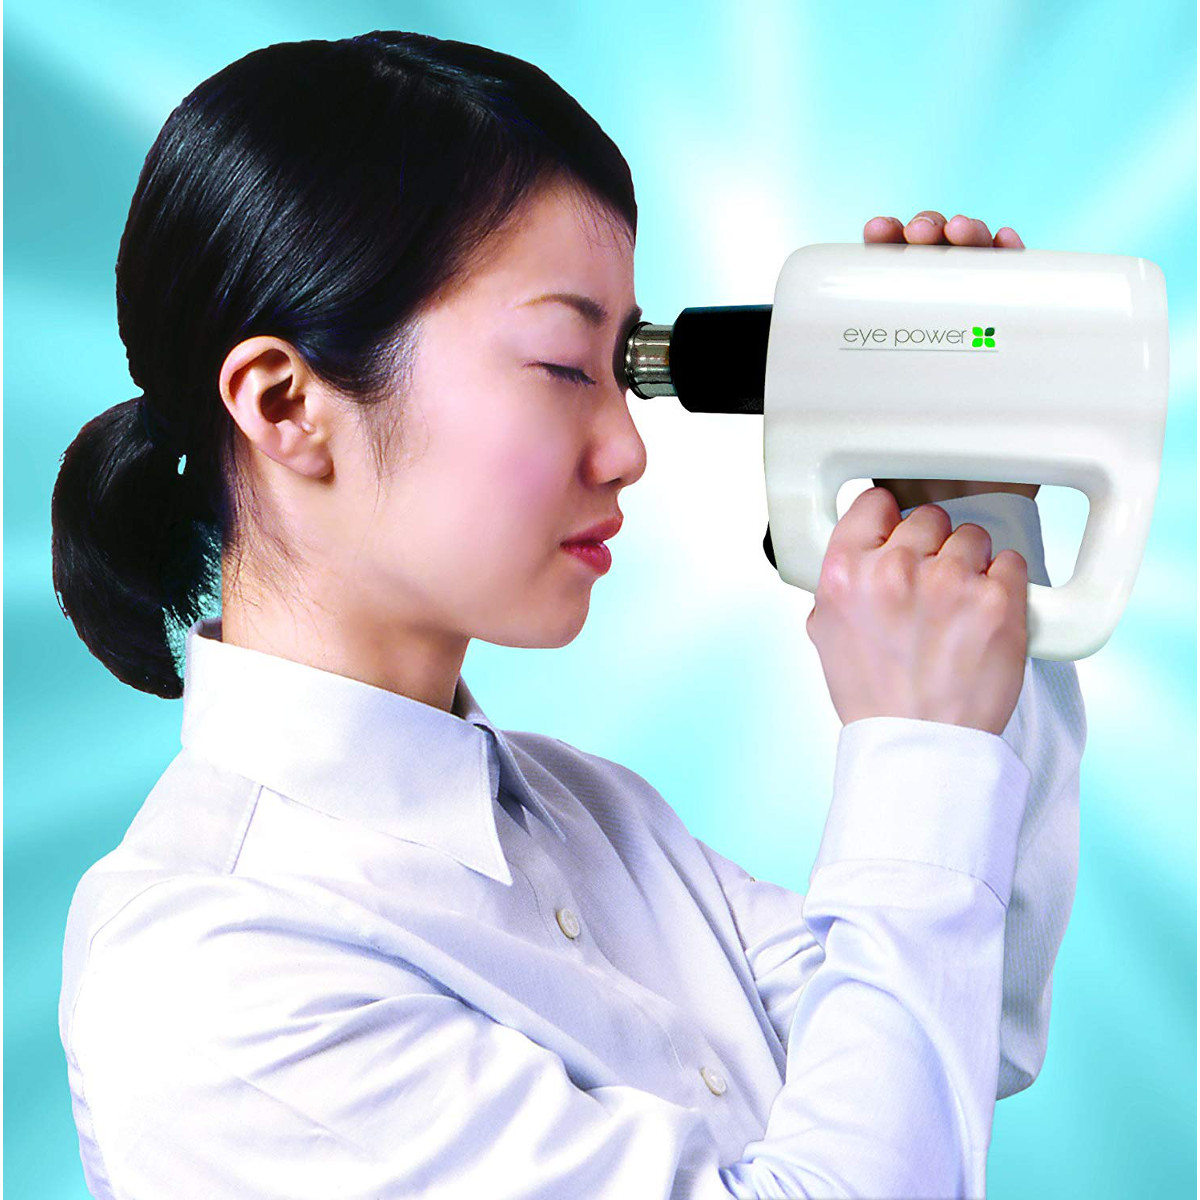 【新モデル】超音波治療器アイパワー(eyepower) 厚生労働省承認/眼科用医療機器